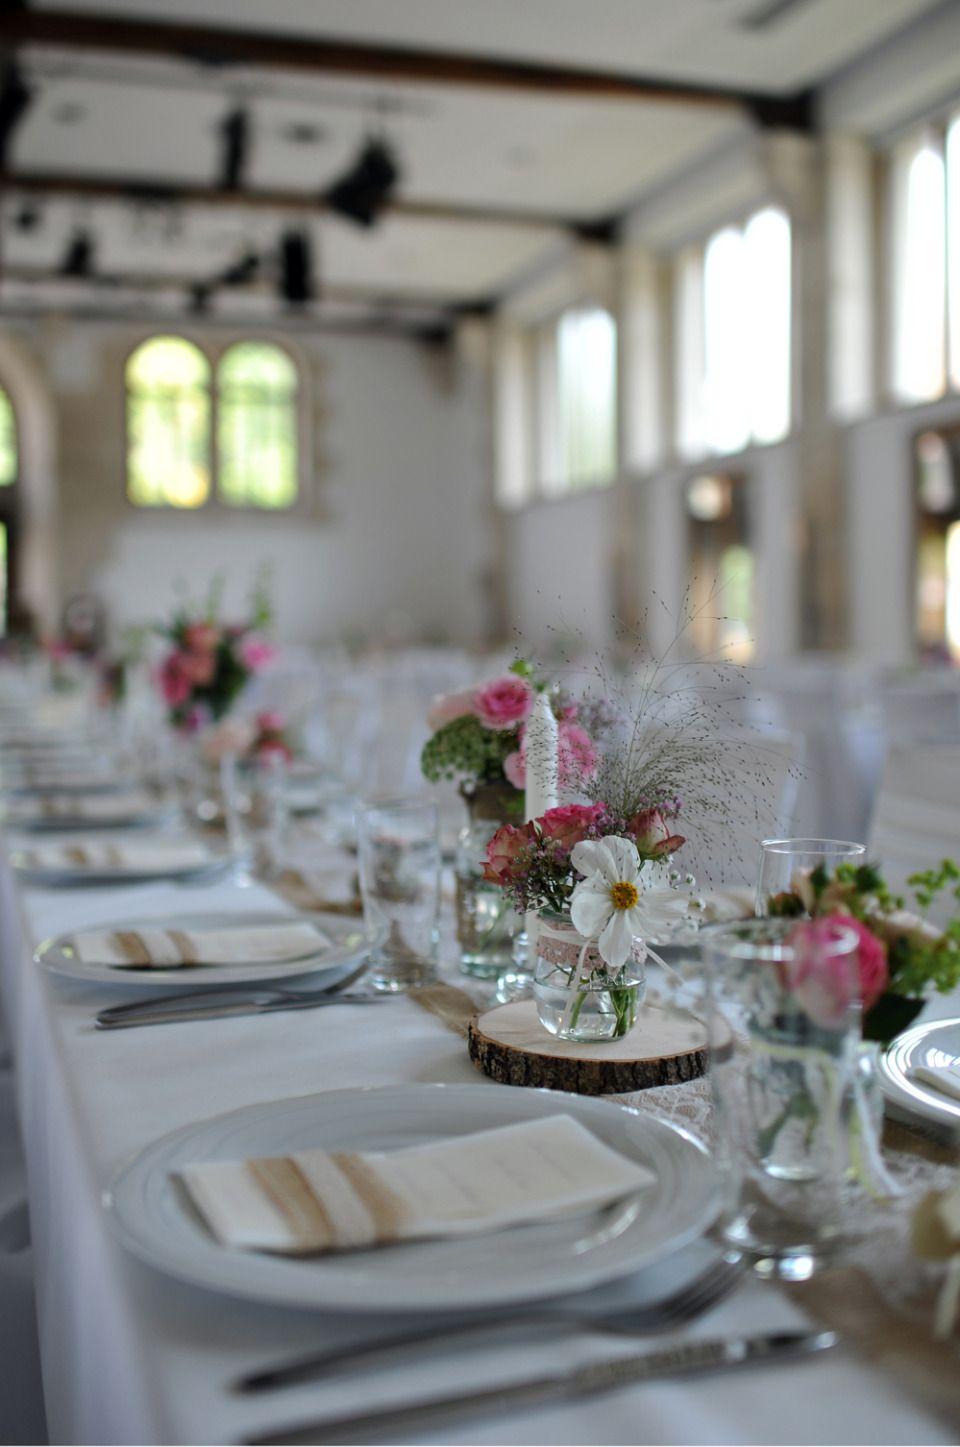 Spitzenband schmal kleine verschiedene Flaschen grere Vasen auf Baumscheiben   Hochzeit